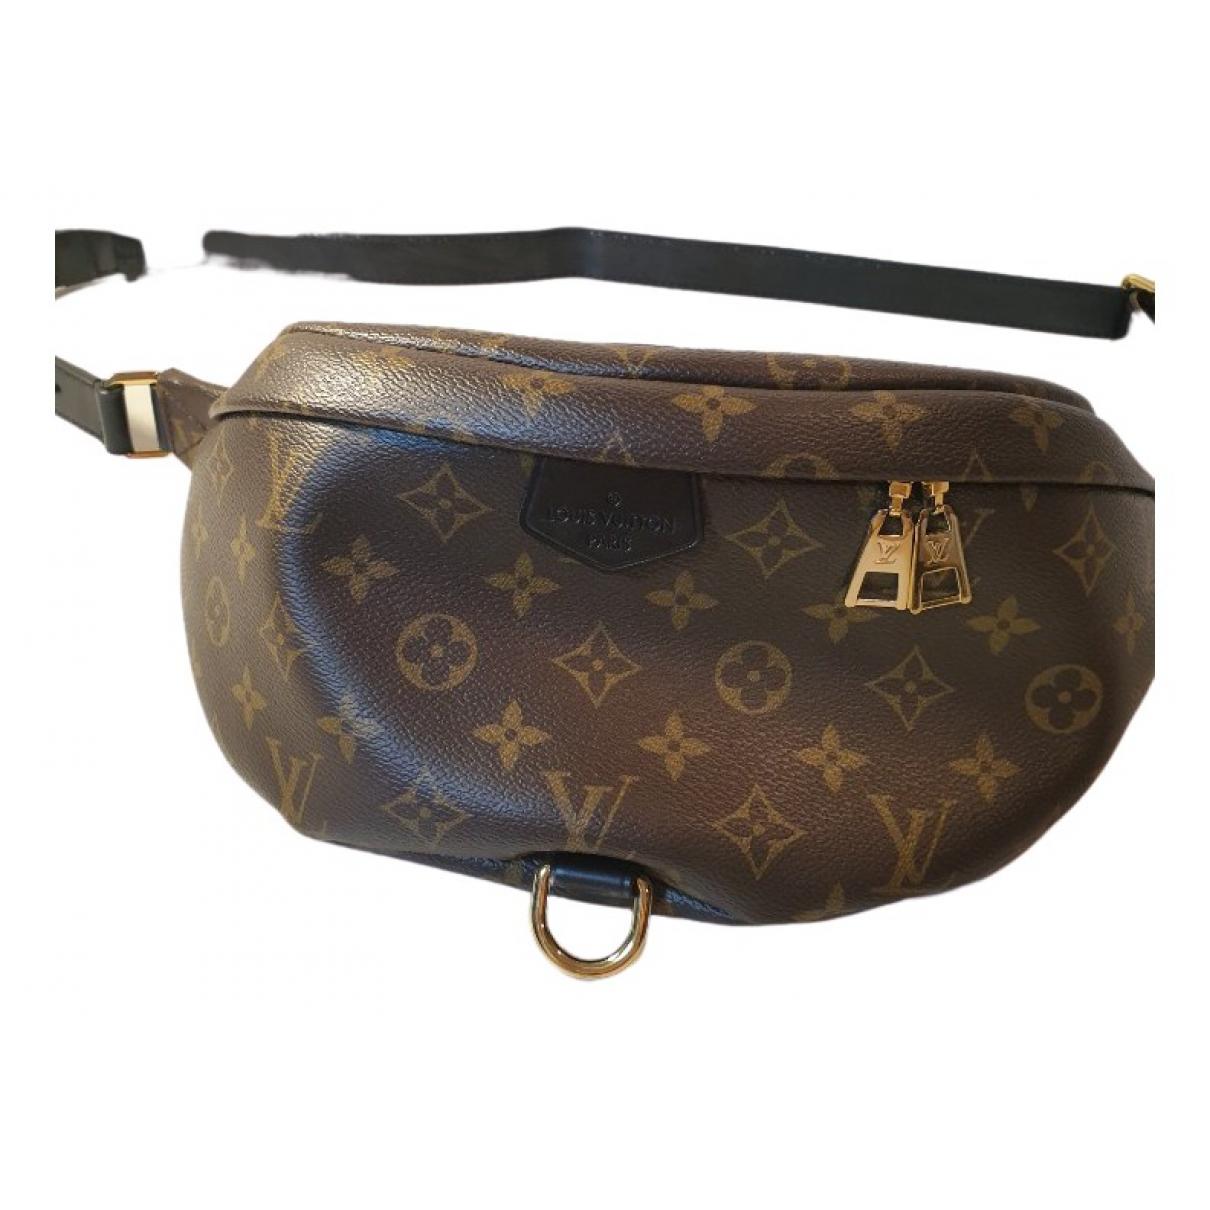 Louis Vuitton - Pochette Bum Bag / Sac Ceinture pour femme en toile - marron